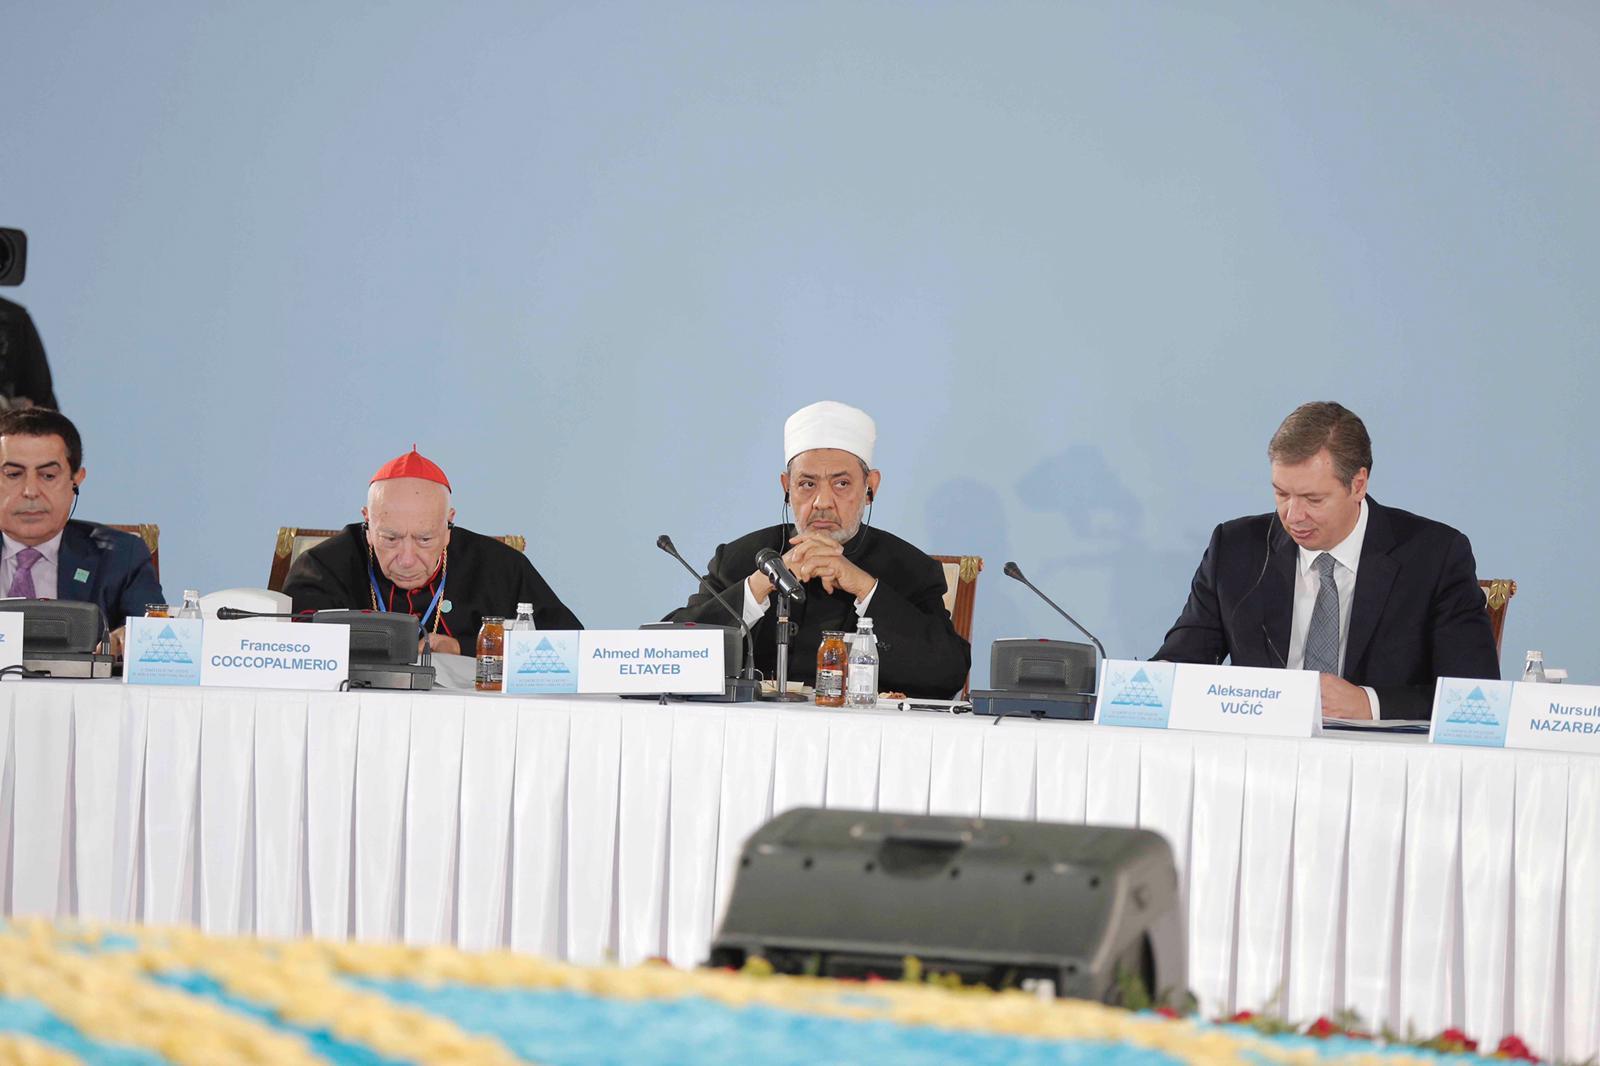 الطيب:الإرهاب ليس صنيعة للإسلام أو الأديان لكنه صنيعة سياسات عالمية